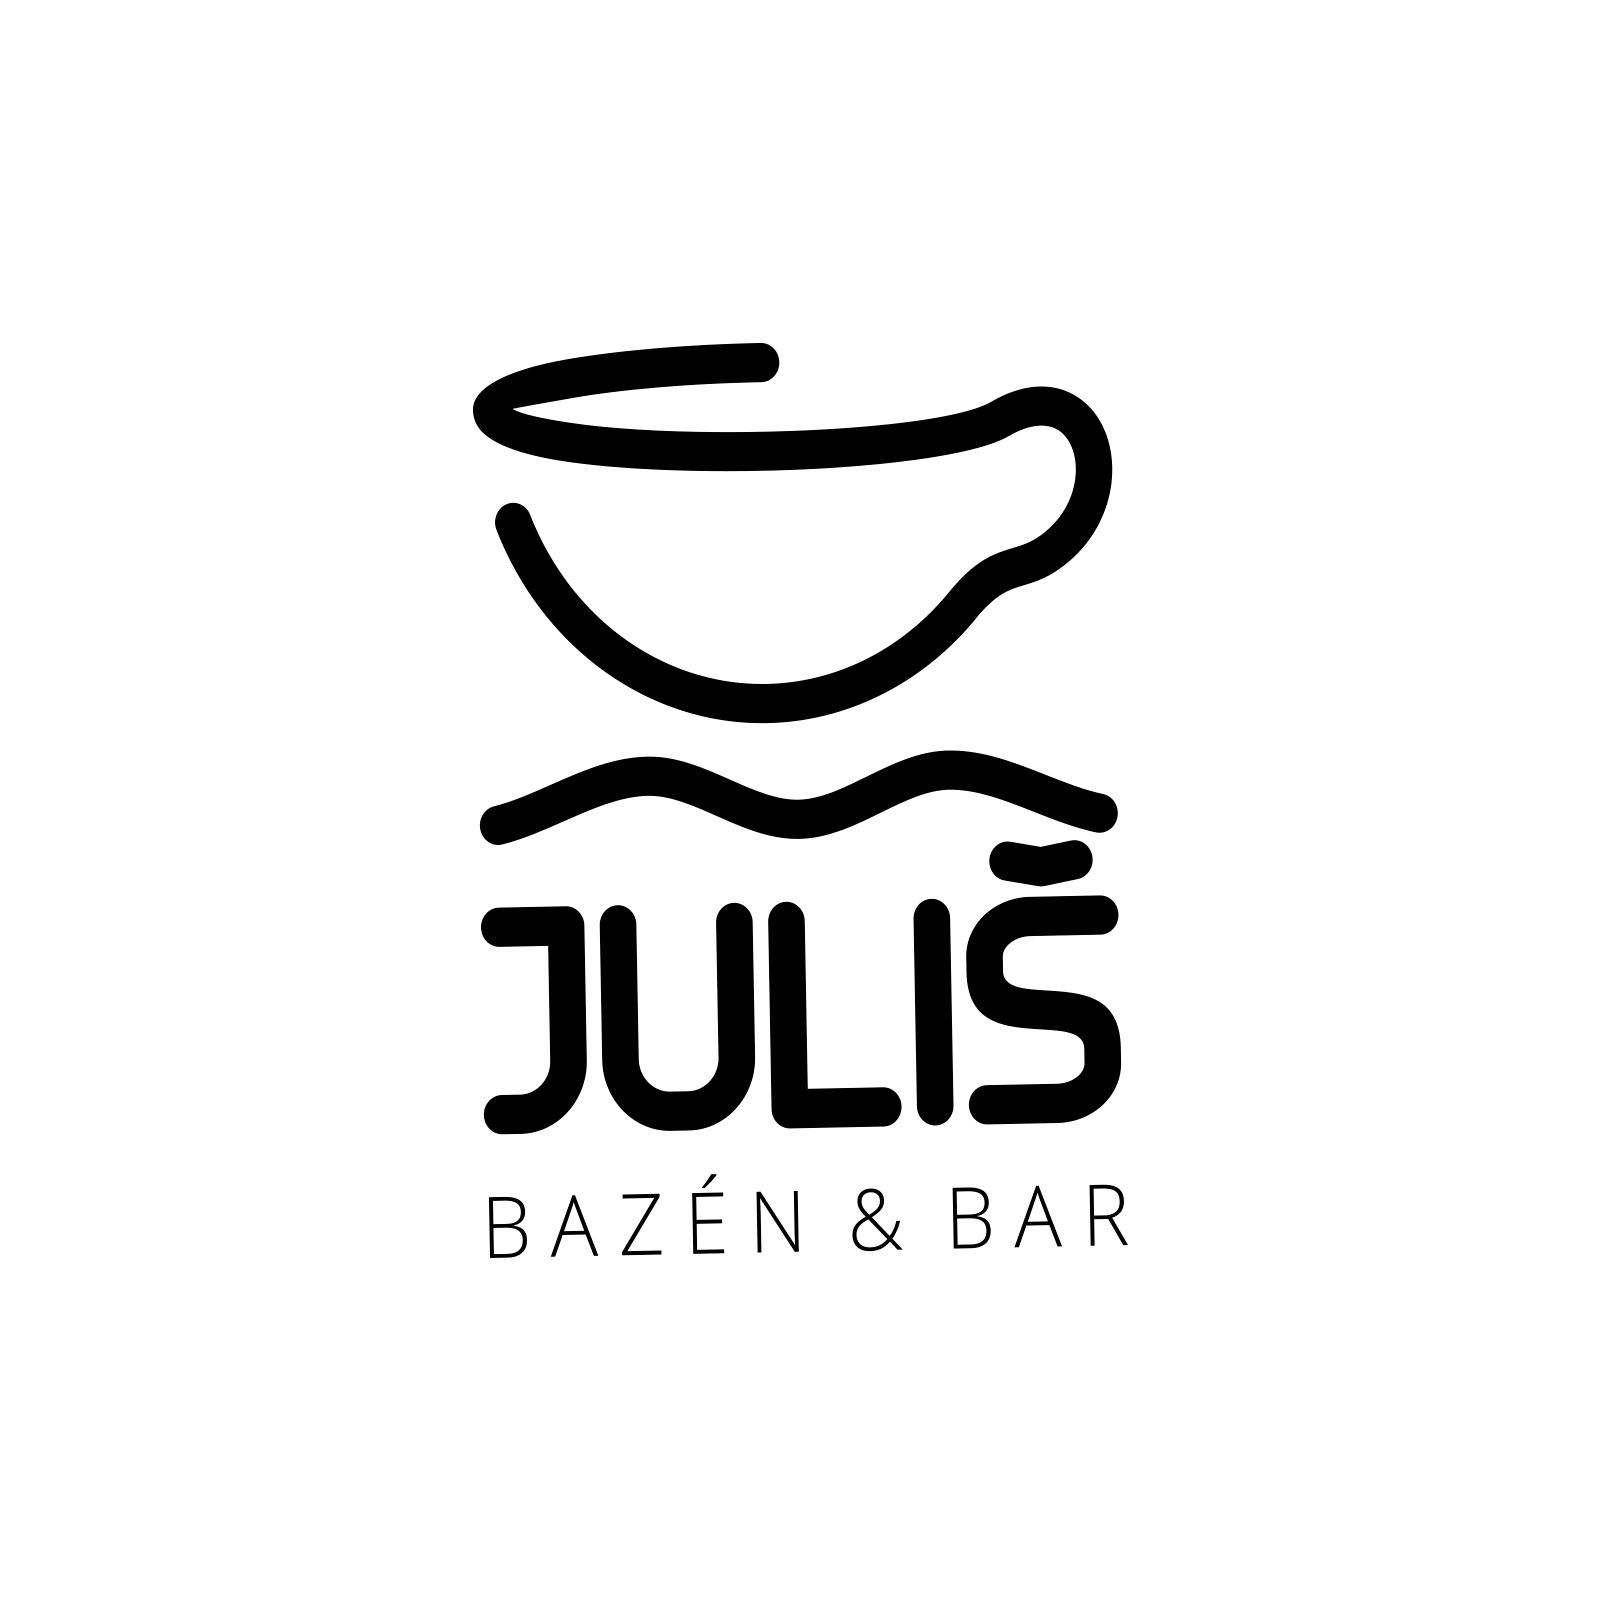 tvorba loga Juliš